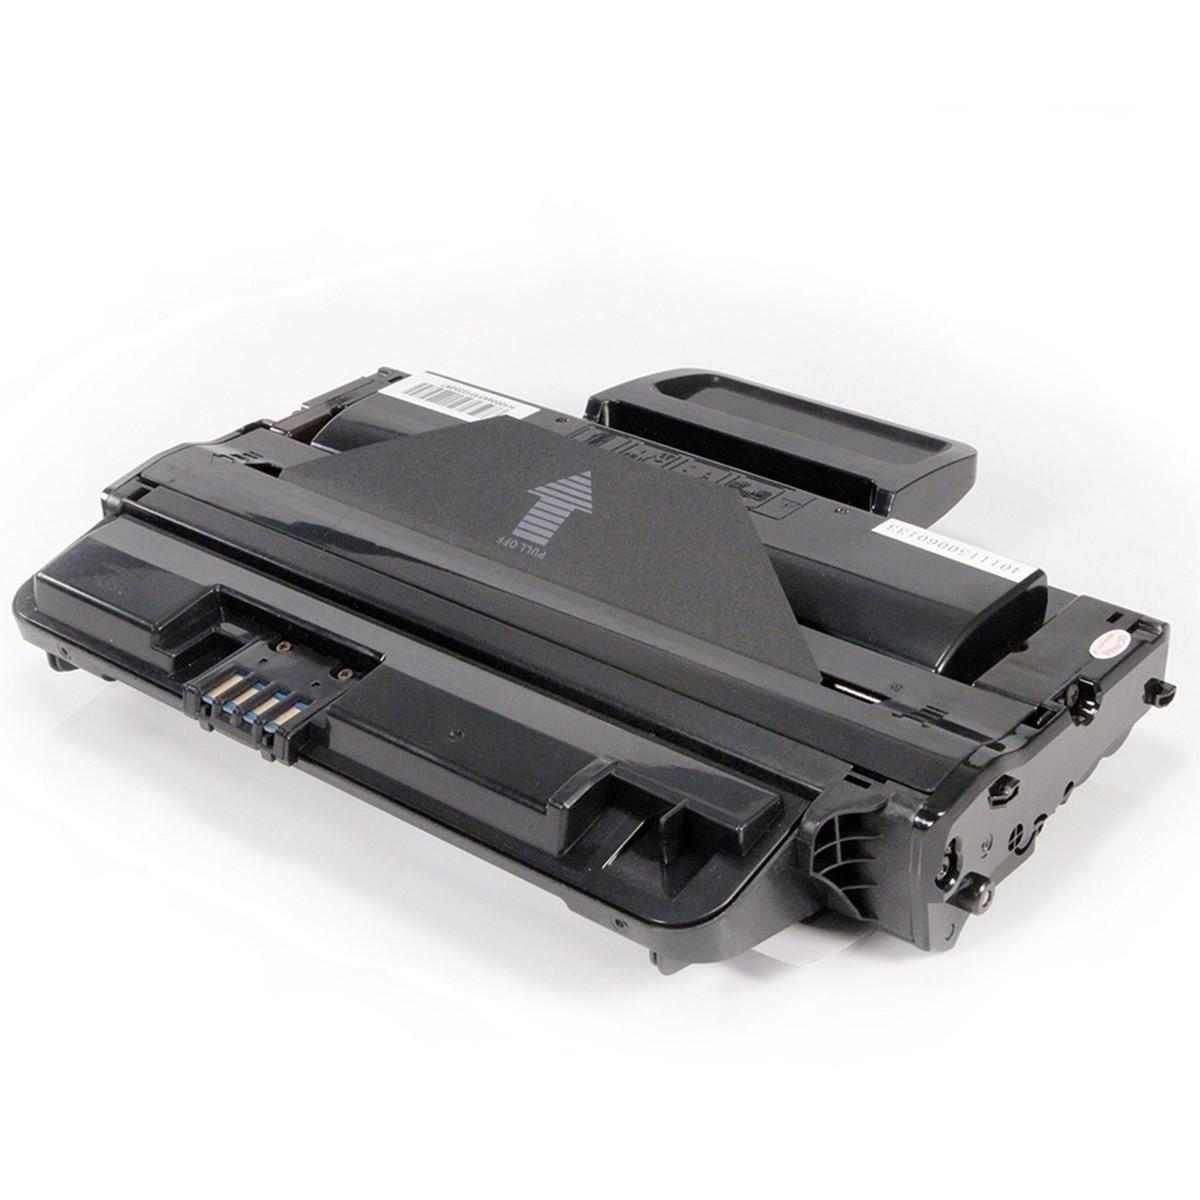 Toner Compatível com Samsung MLT-D209L | ML2855 SCX4828 SCX4824 SCX4826 2855ND | Importado 5k